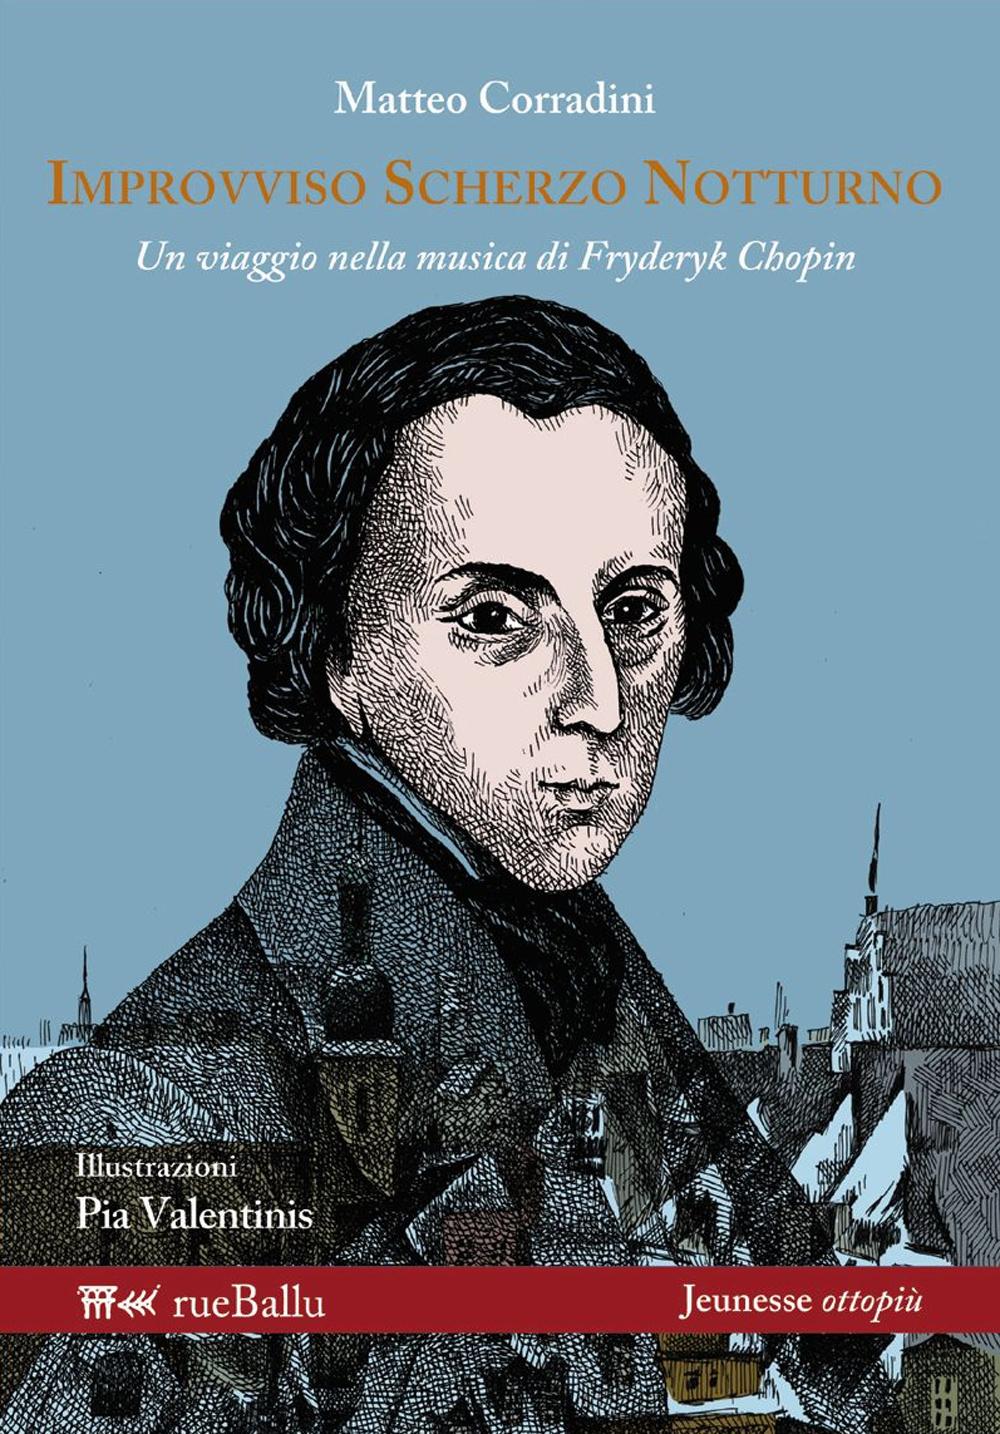 IMPROVVISO SCHERZO NOTTURNO. UN VIAGGIO NELLA MUSICA DI FRYDERYK CHOPIN - 9788895689173